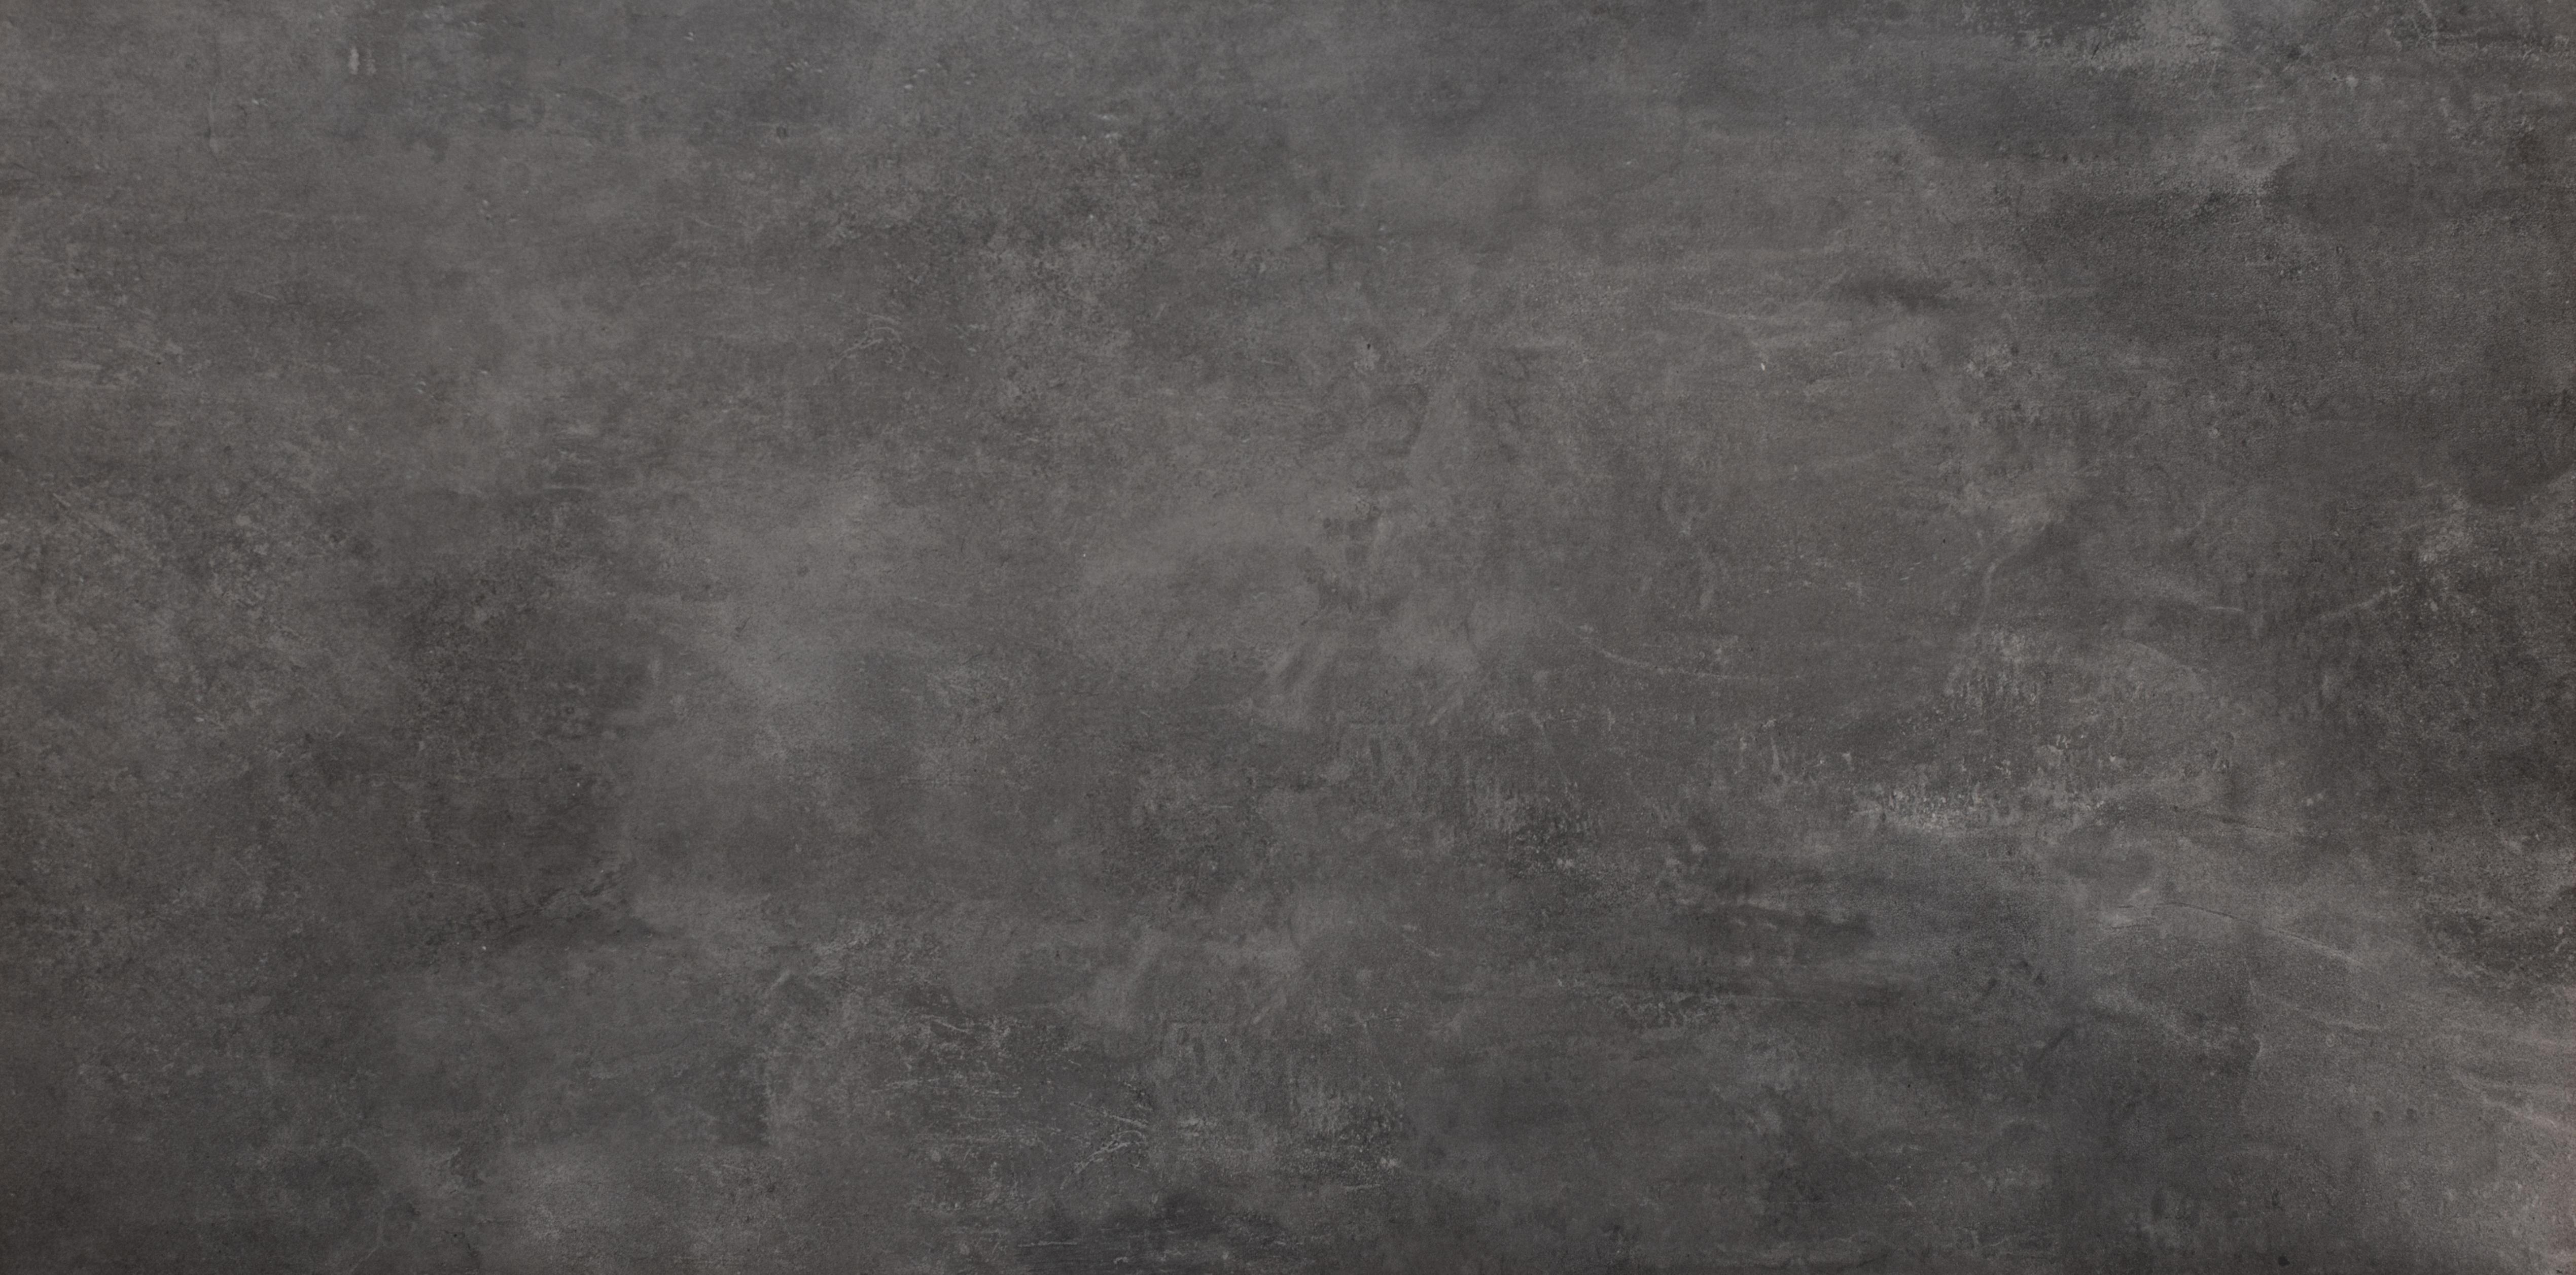 bodenfliese titan anthrazit matt 60x120 cm feinsteinzeug. Black Bedroom Furniture Sets. Home Design Ideas